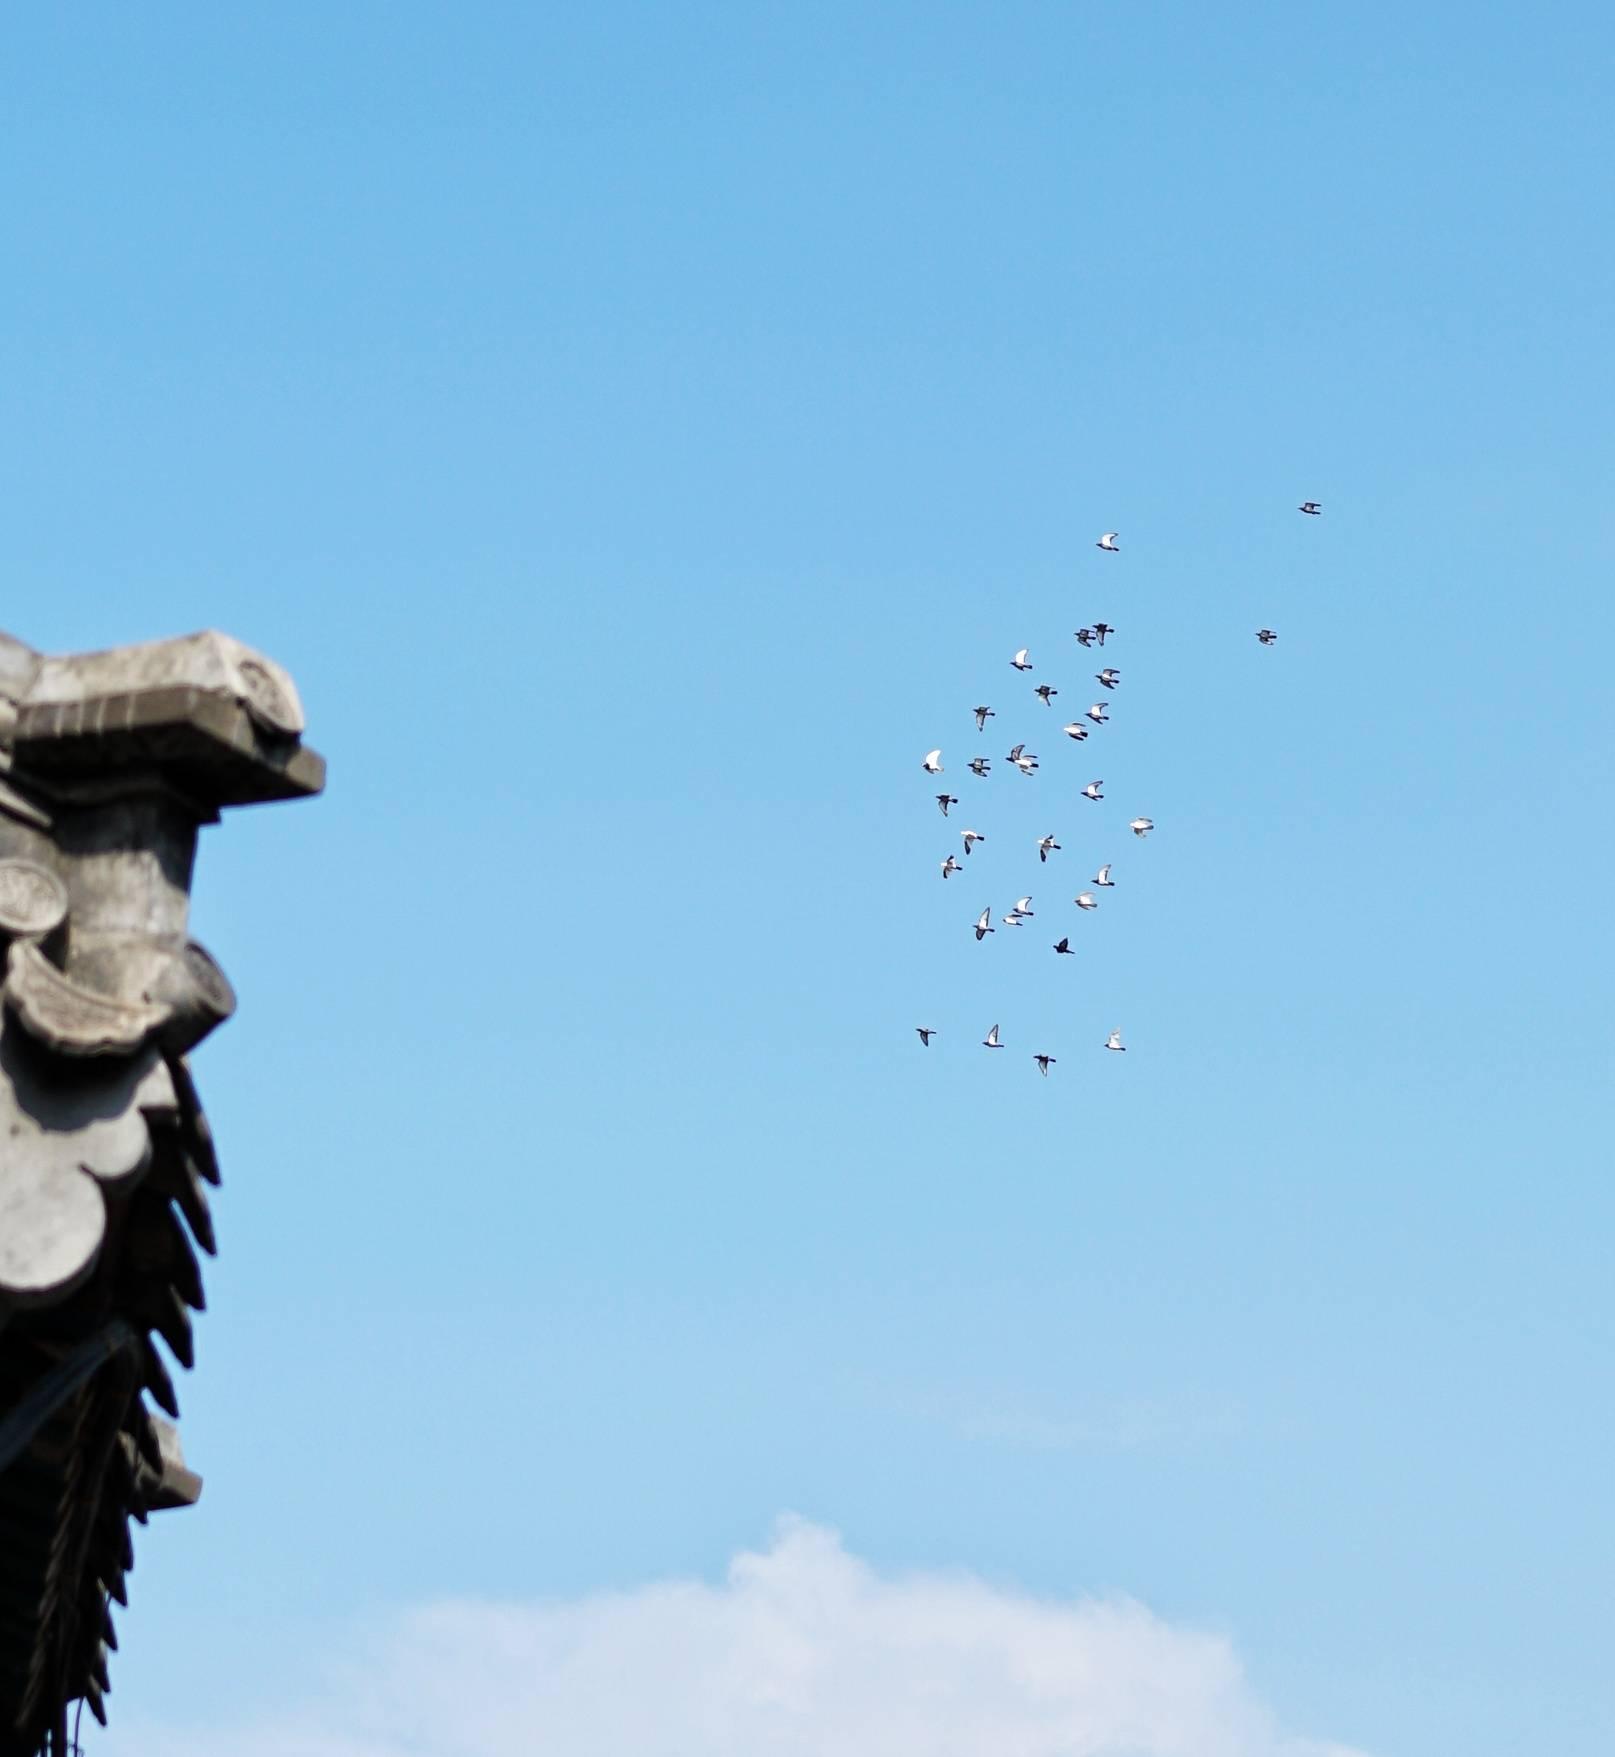 五道營衚衕天空飛過的群鳥